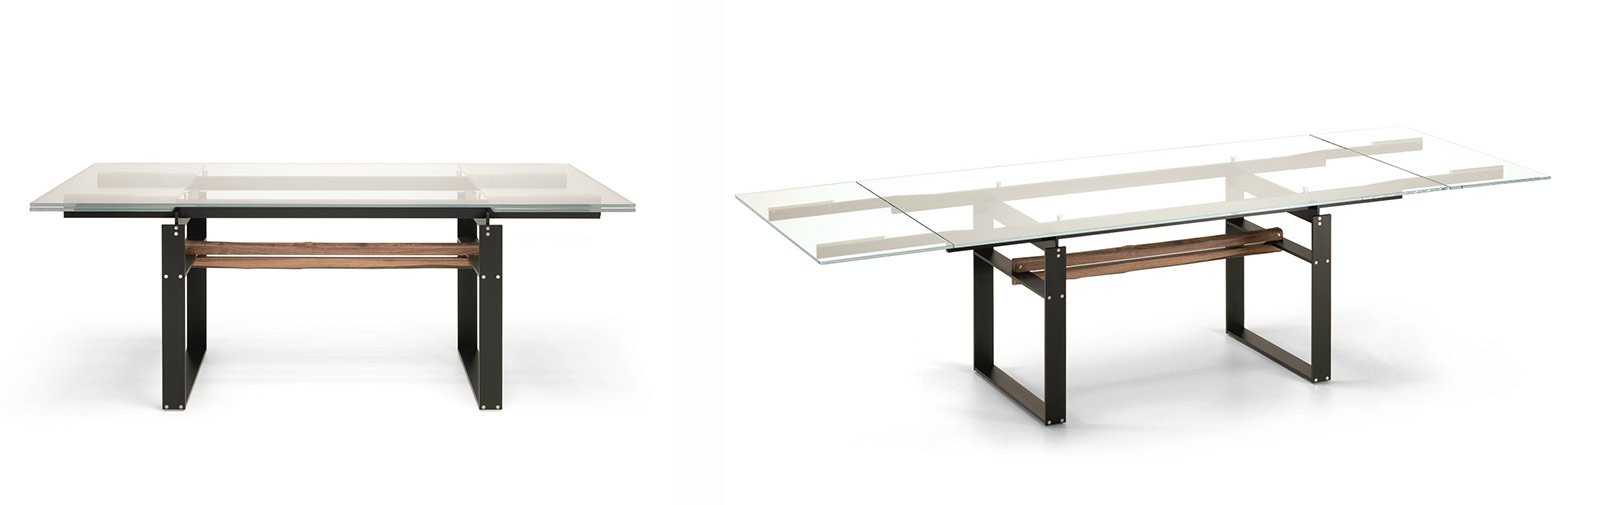 Tavoli Vetro Allungabili Ikea: Homeimg. Linea di tavoli pranzo legno tavolo l...